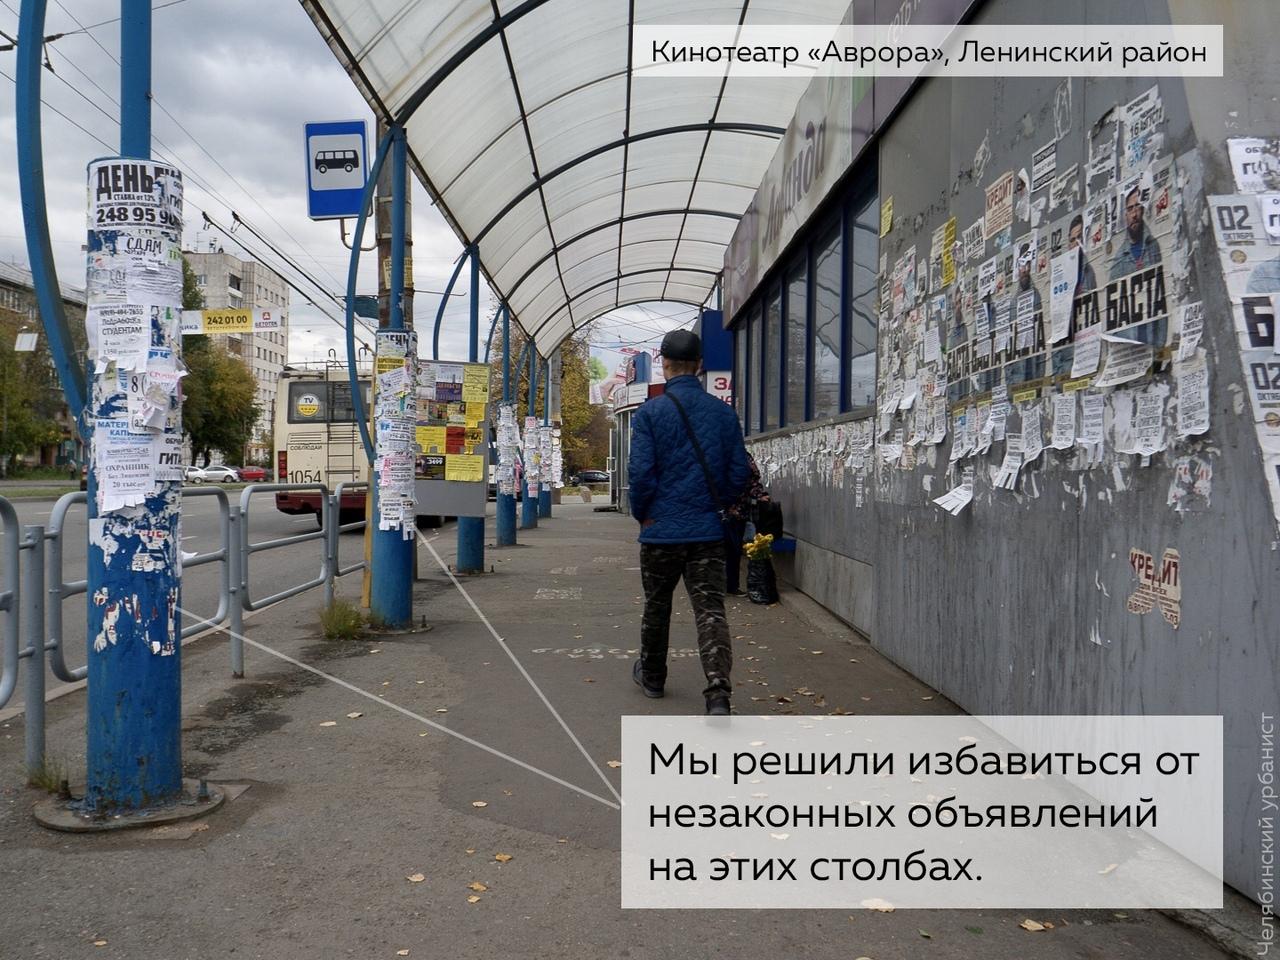 Урбан-партизан